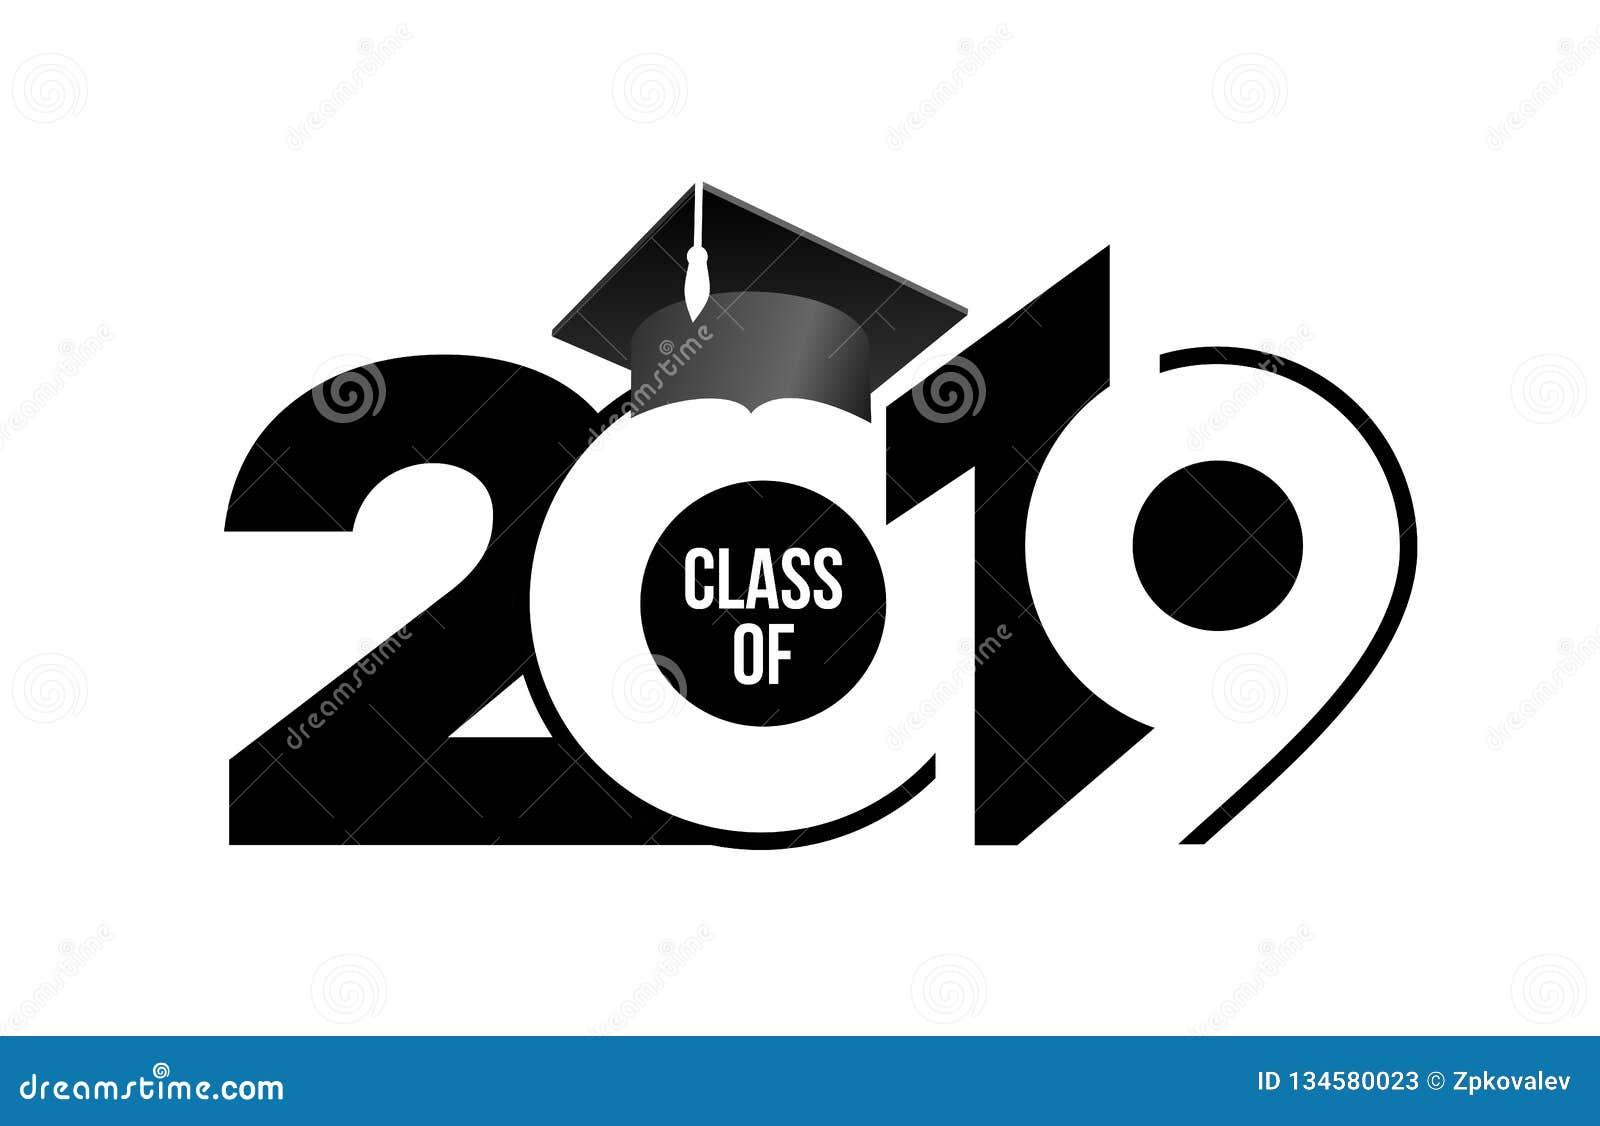 Classe de 2019 com tampão da graduação Teste padrão do projeto do texto Ilustração do vetor Isolado no fundo branco